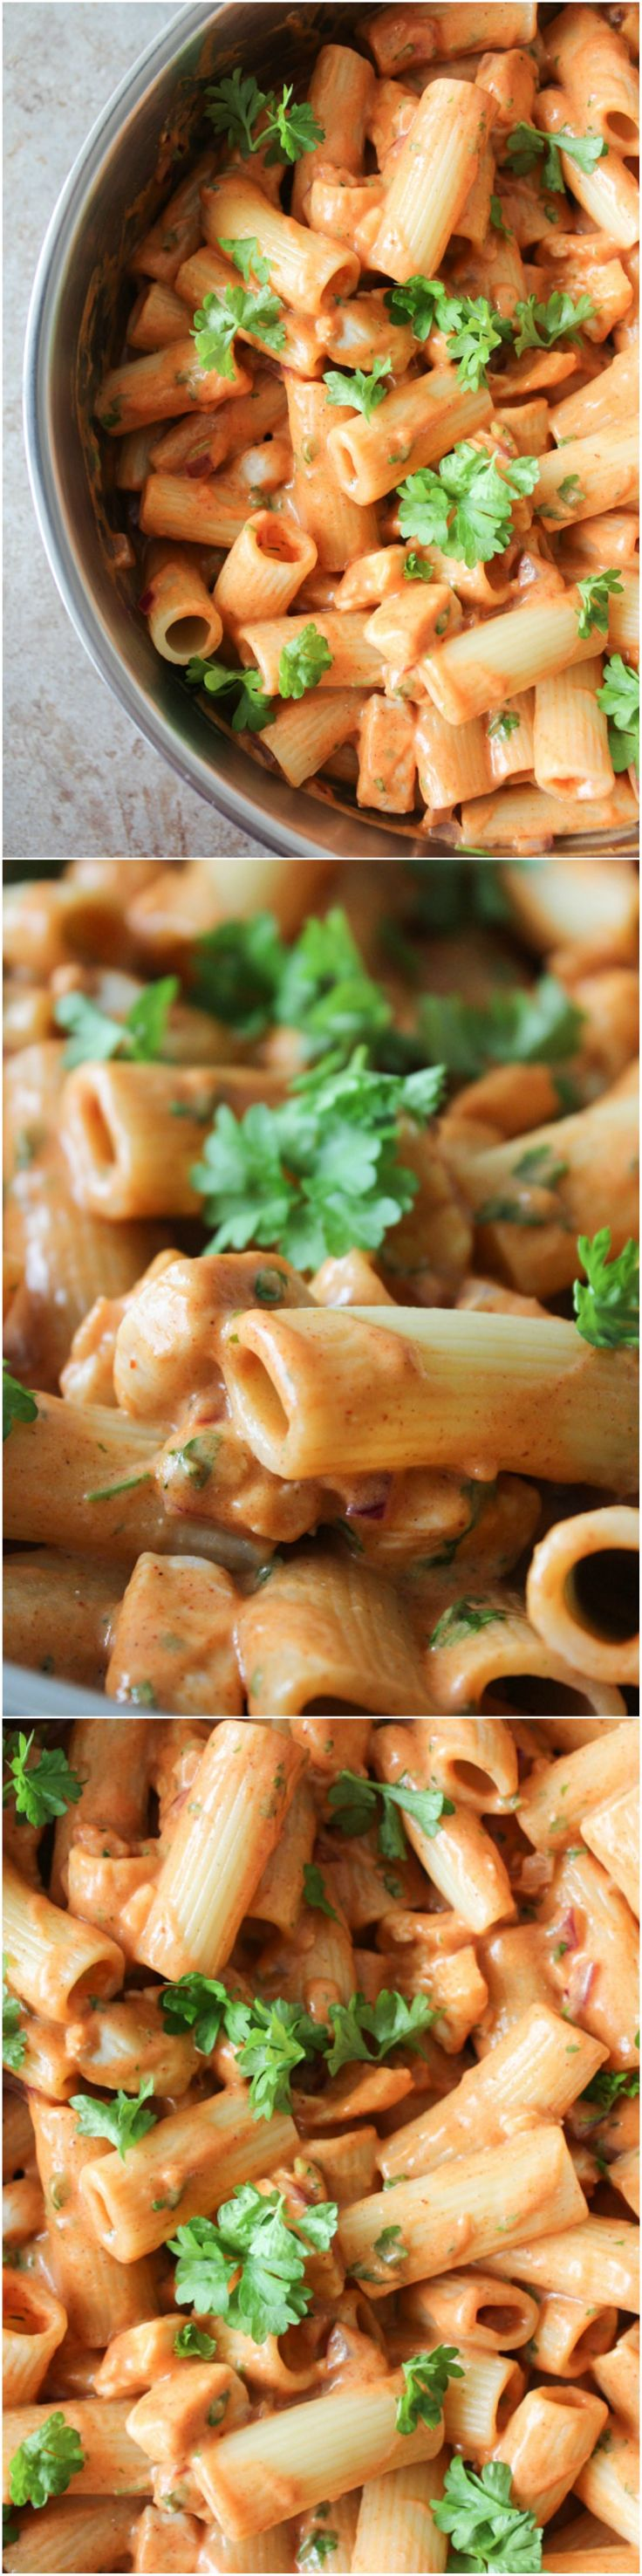 Creamy BBQ chicken pasta!